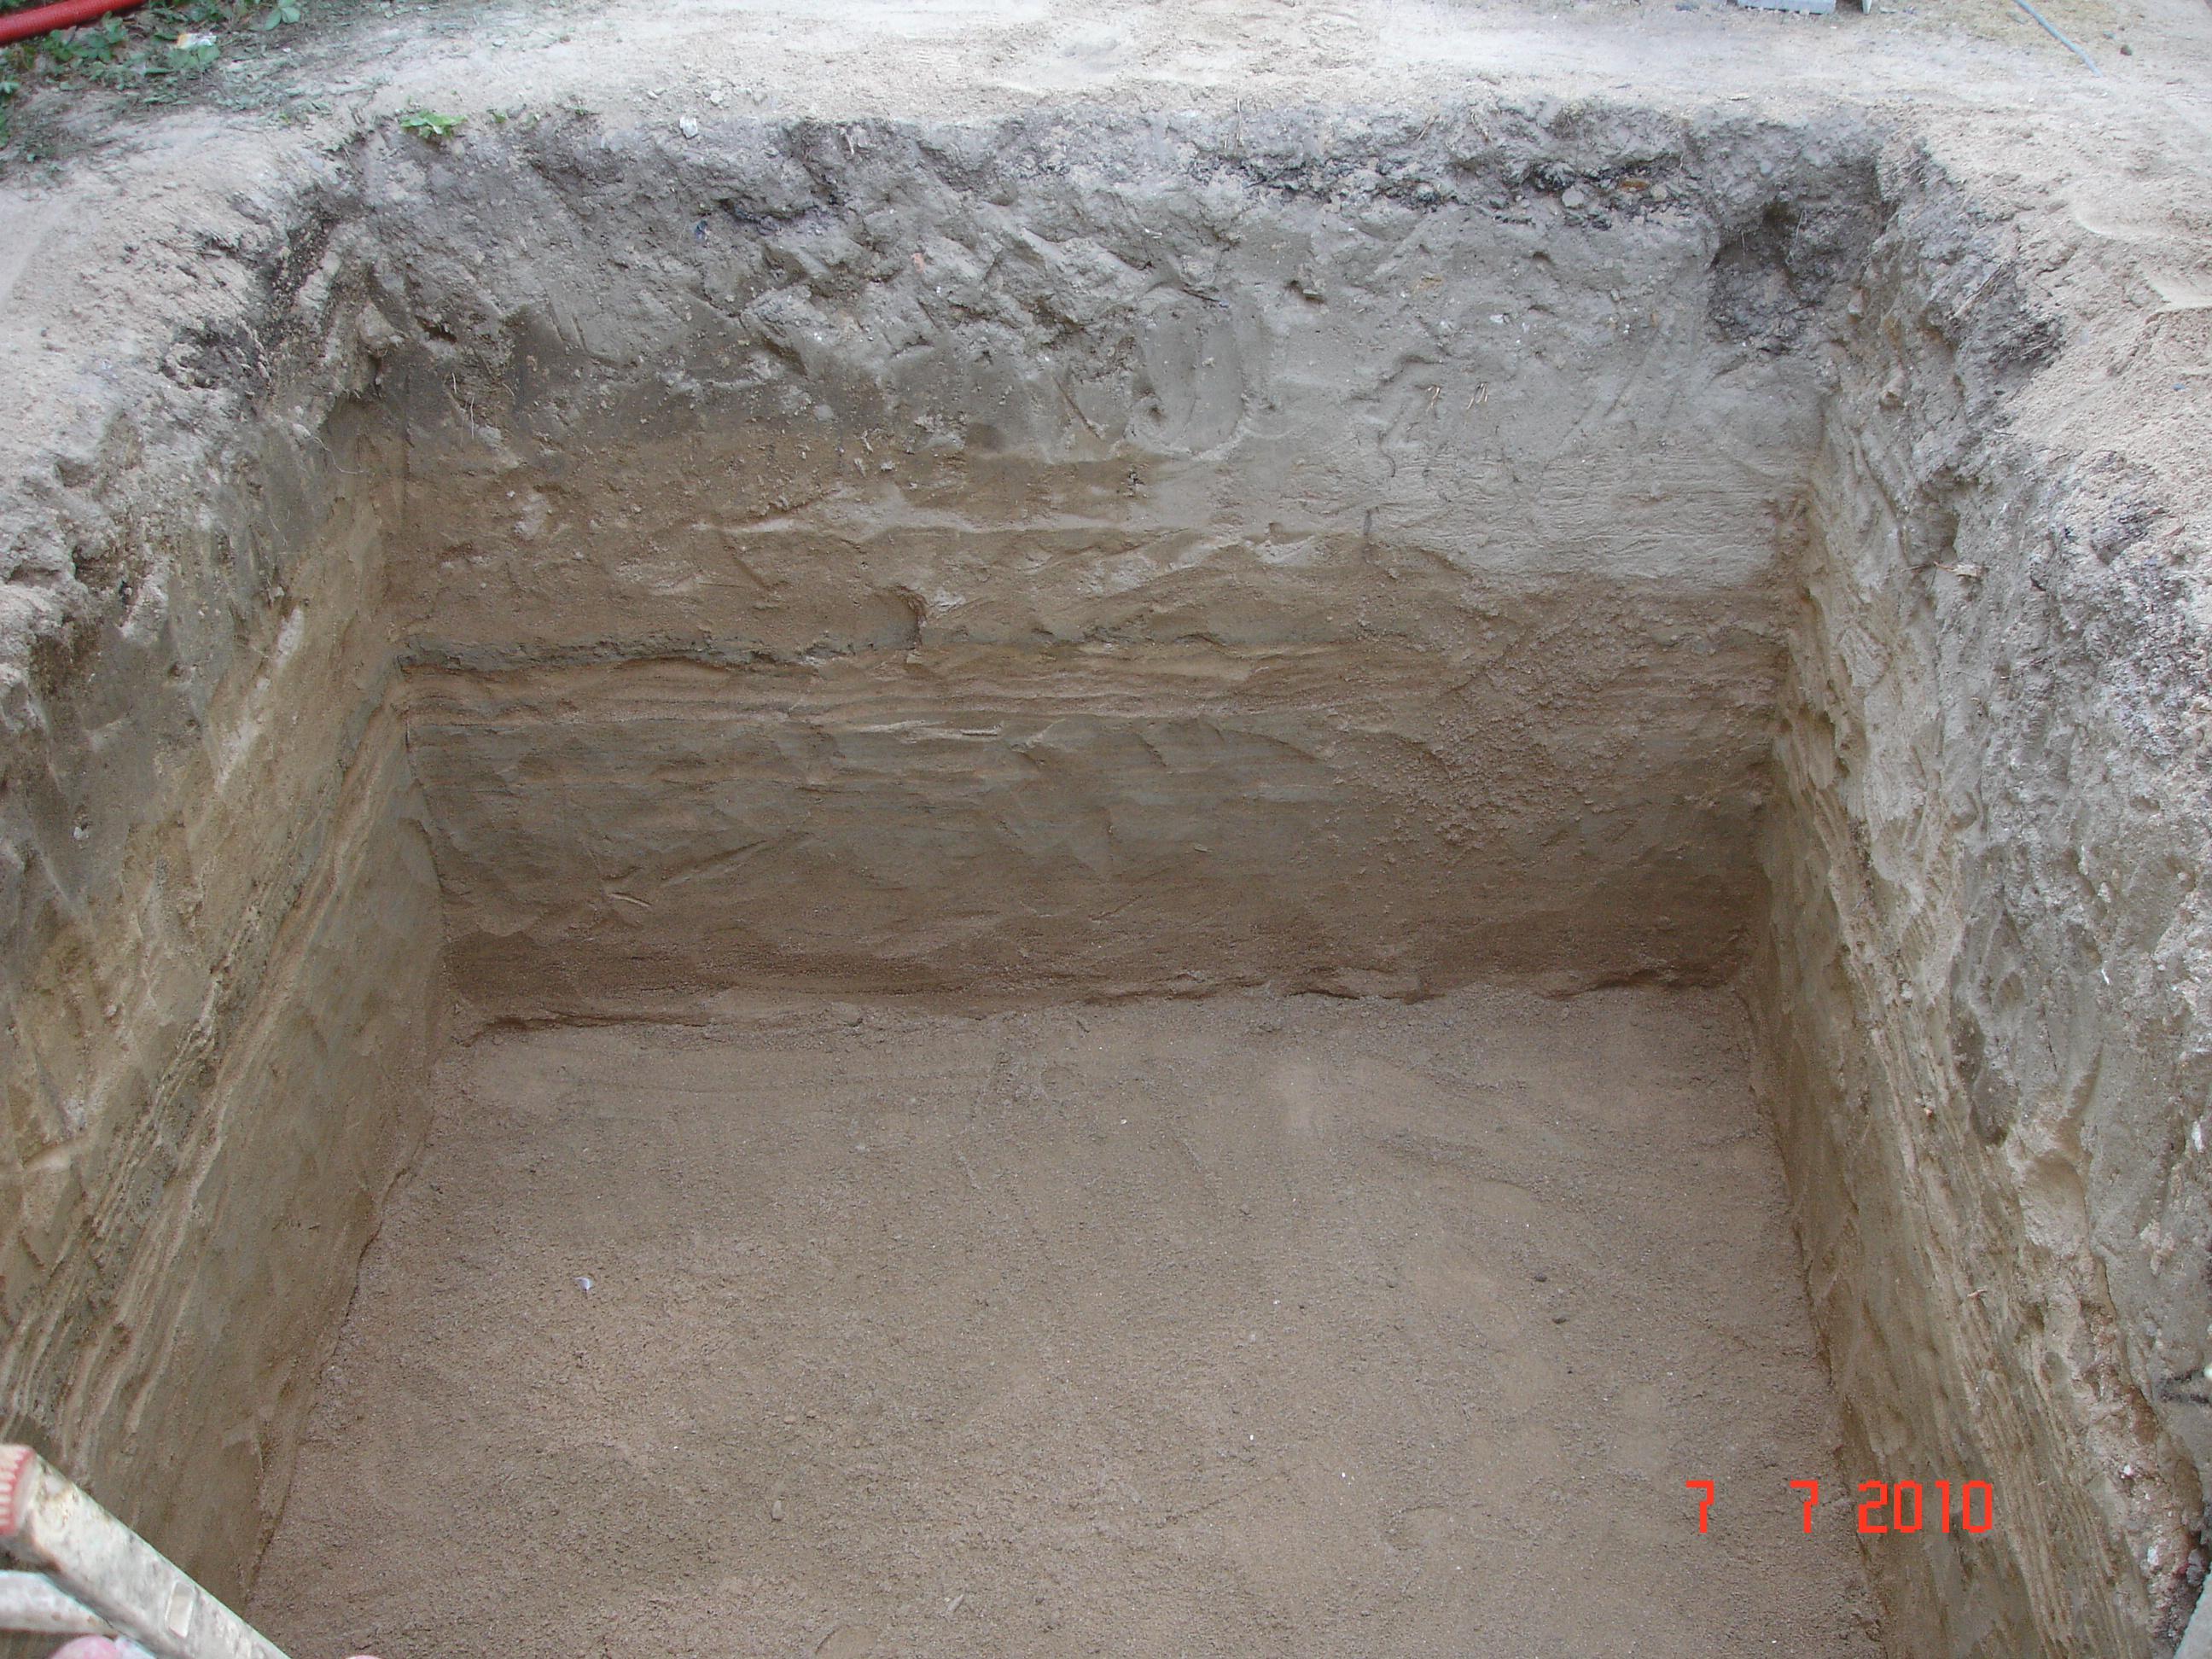 File fond de fouille jpg wikimedia commons for Prise de terre fond de fouille